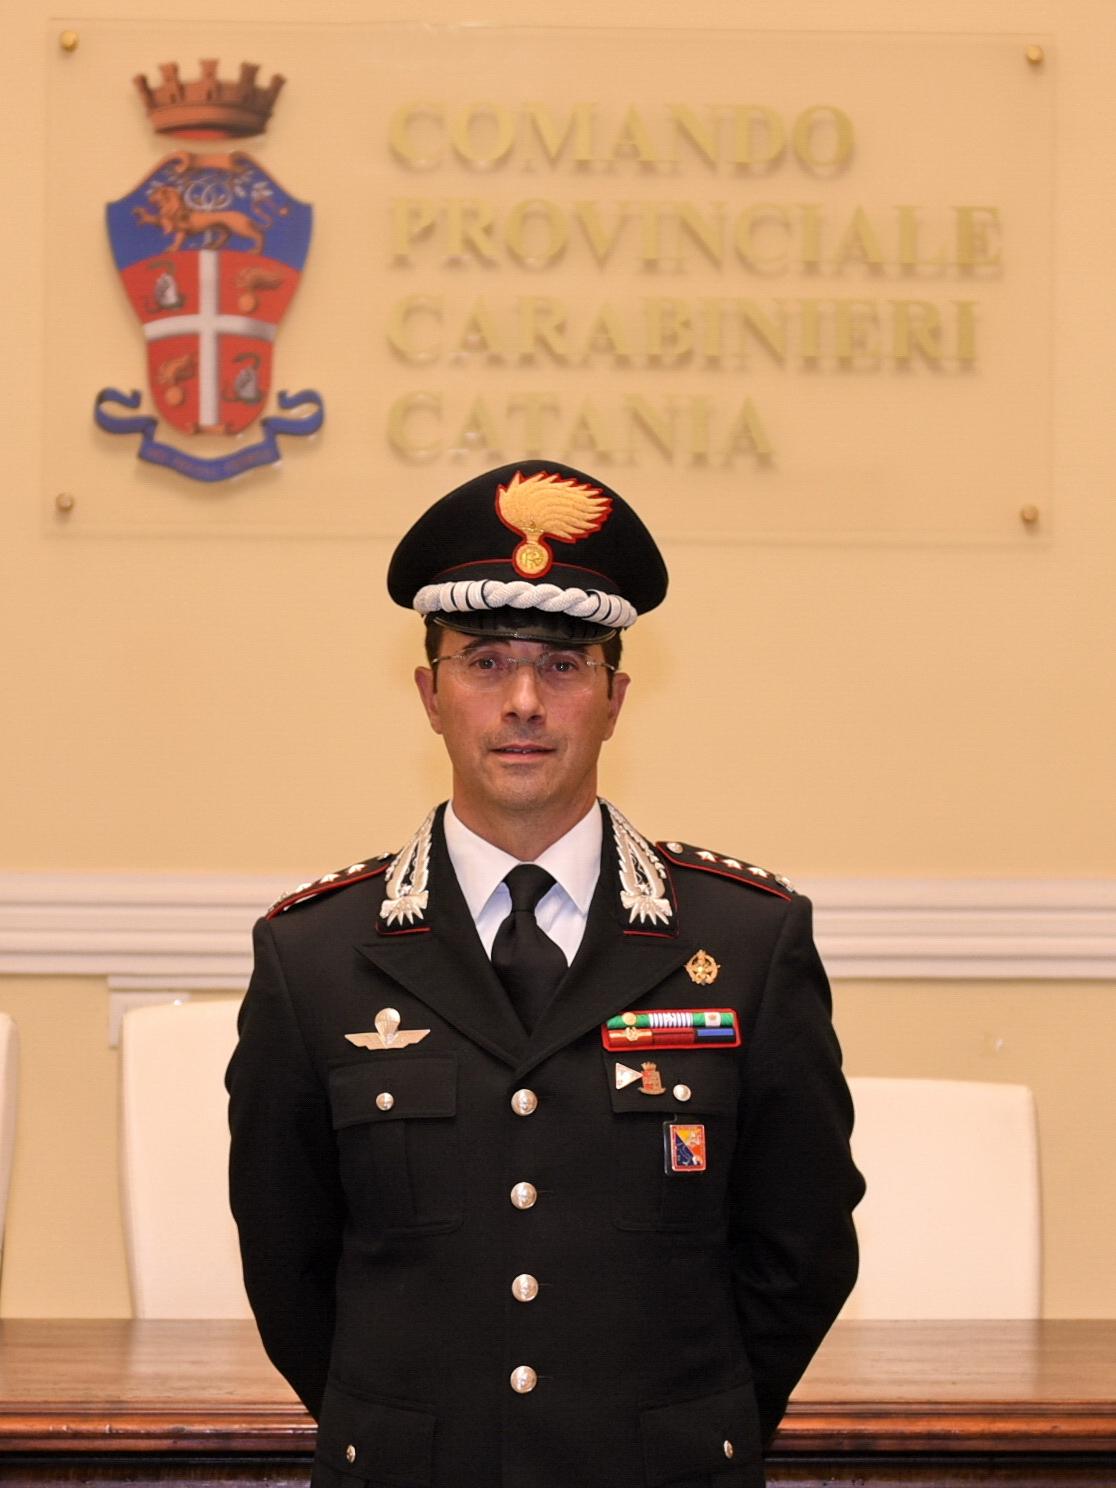 Colonnello Coppola nuovo comandante carabinieri Catania